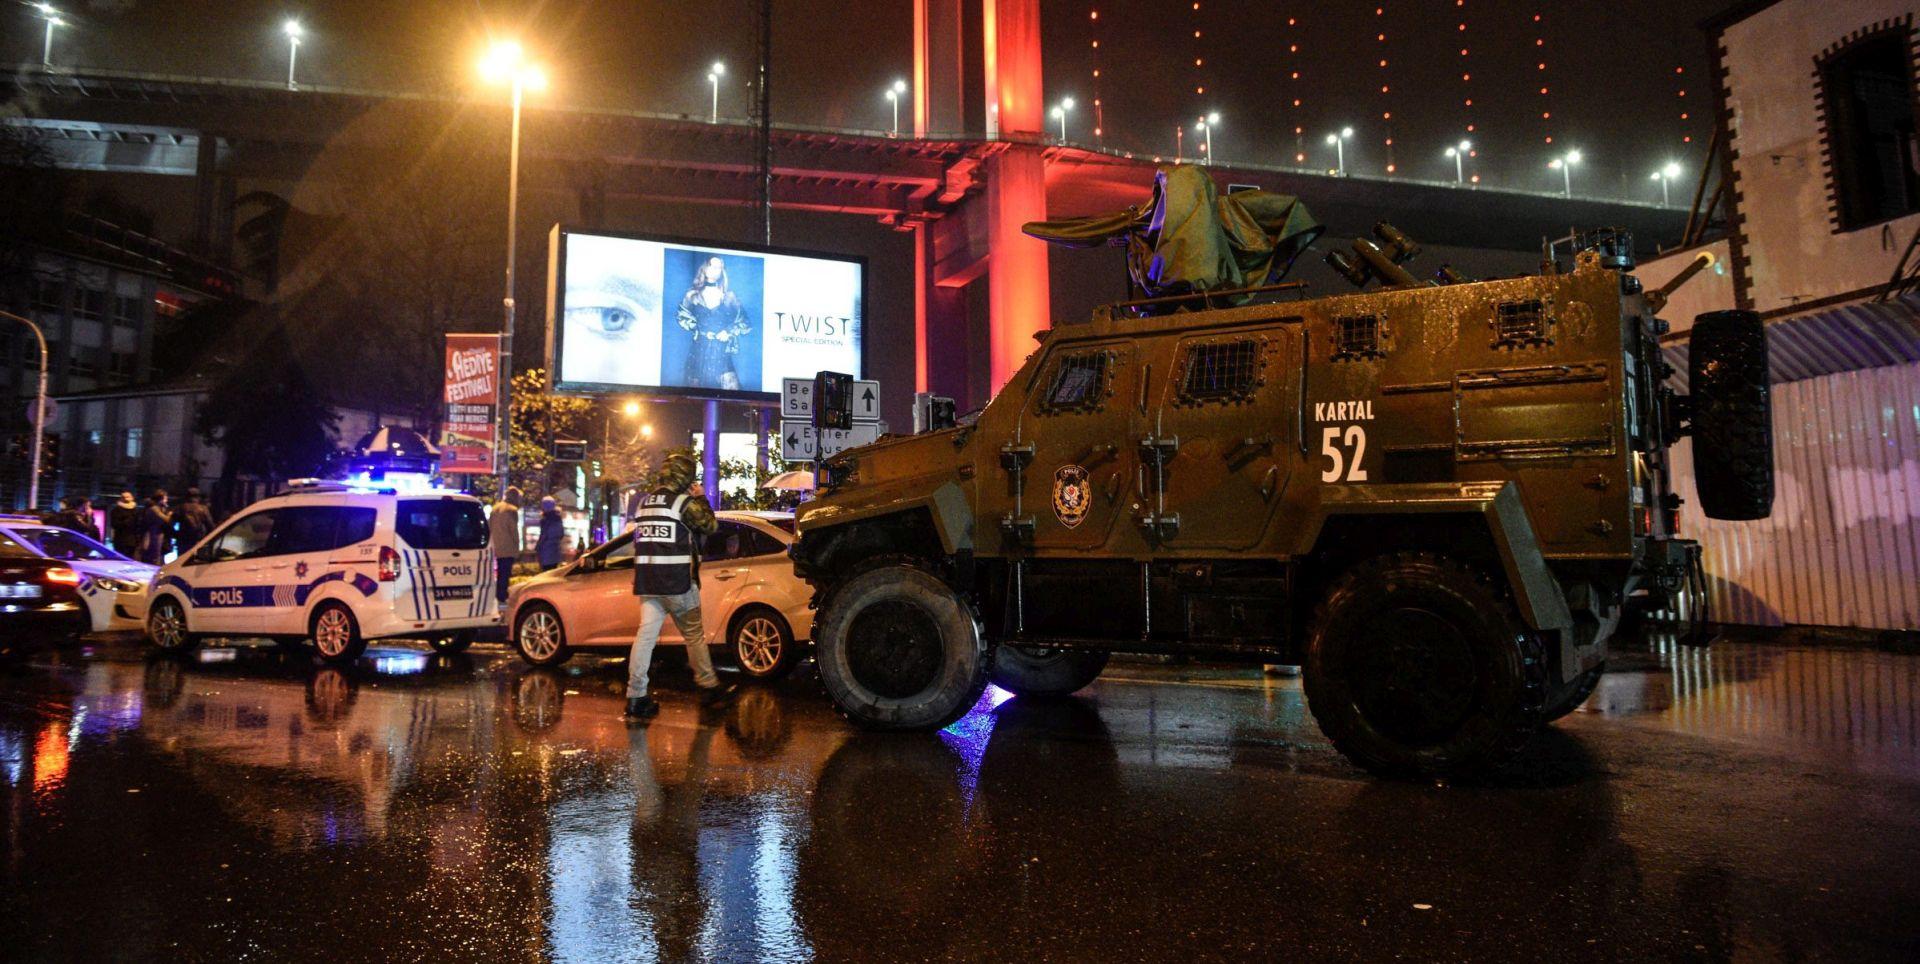 2017. ZAPOČELA TERORISTIČKIM NAPADOM Pucnjava u noćnom klubu u Istanbulu, najmanje 39 mrtvih